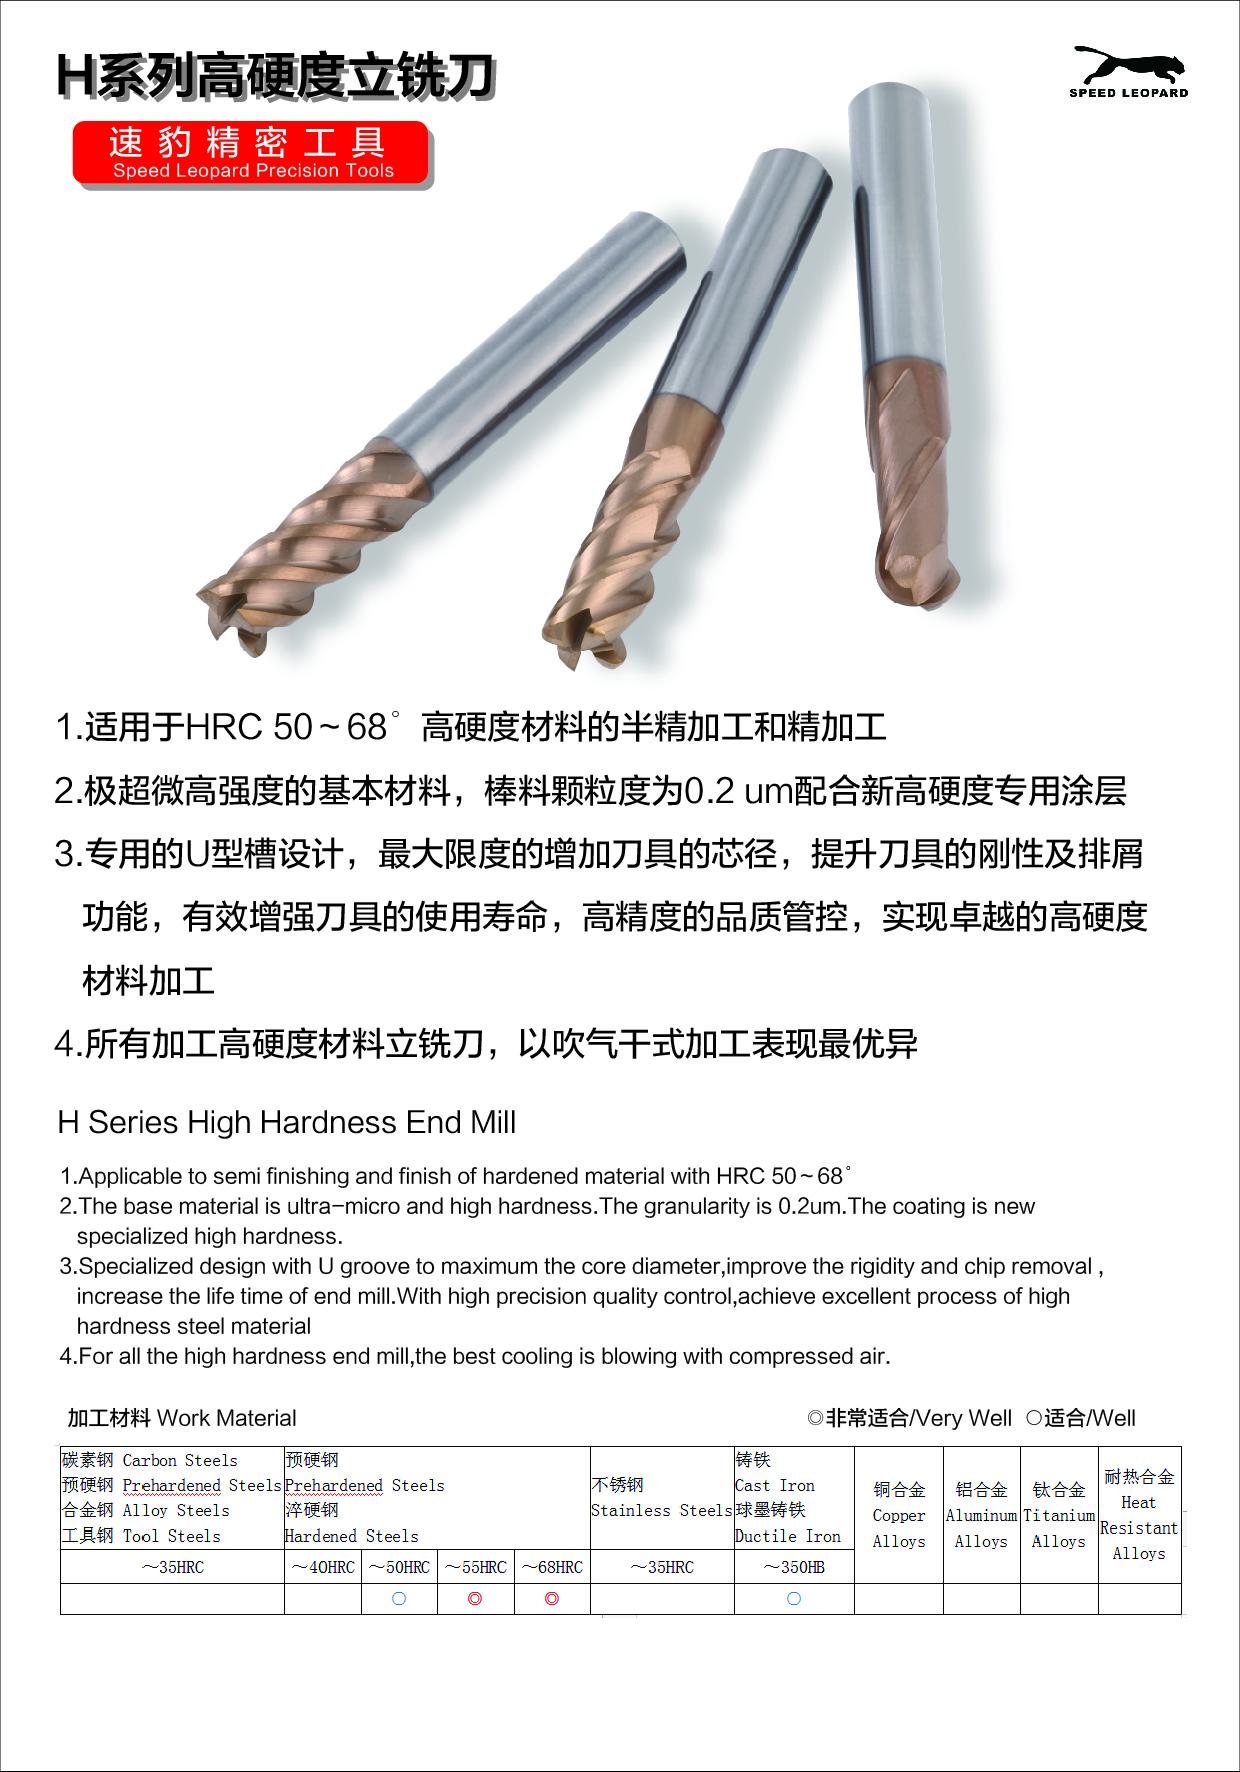 速豹高硬材料加工立铣刀